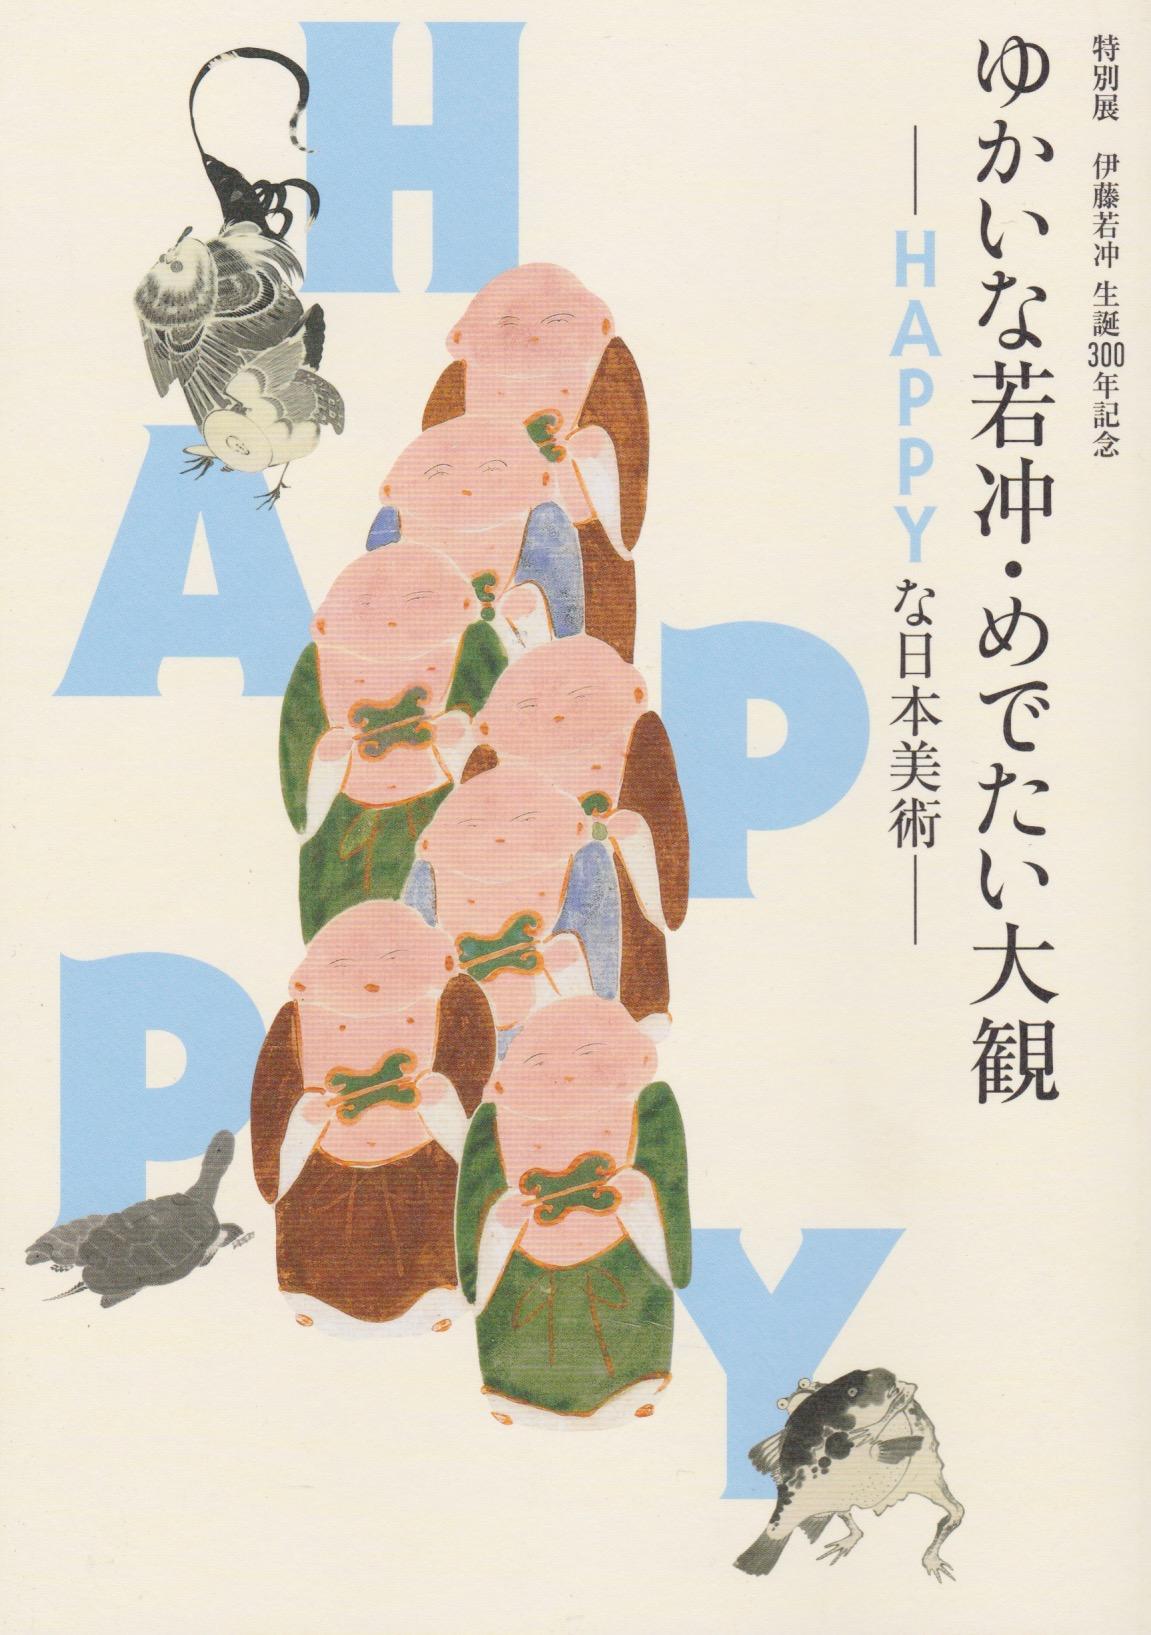 ゆかいな若冲・めでたい大観:HAPPYな日本美術